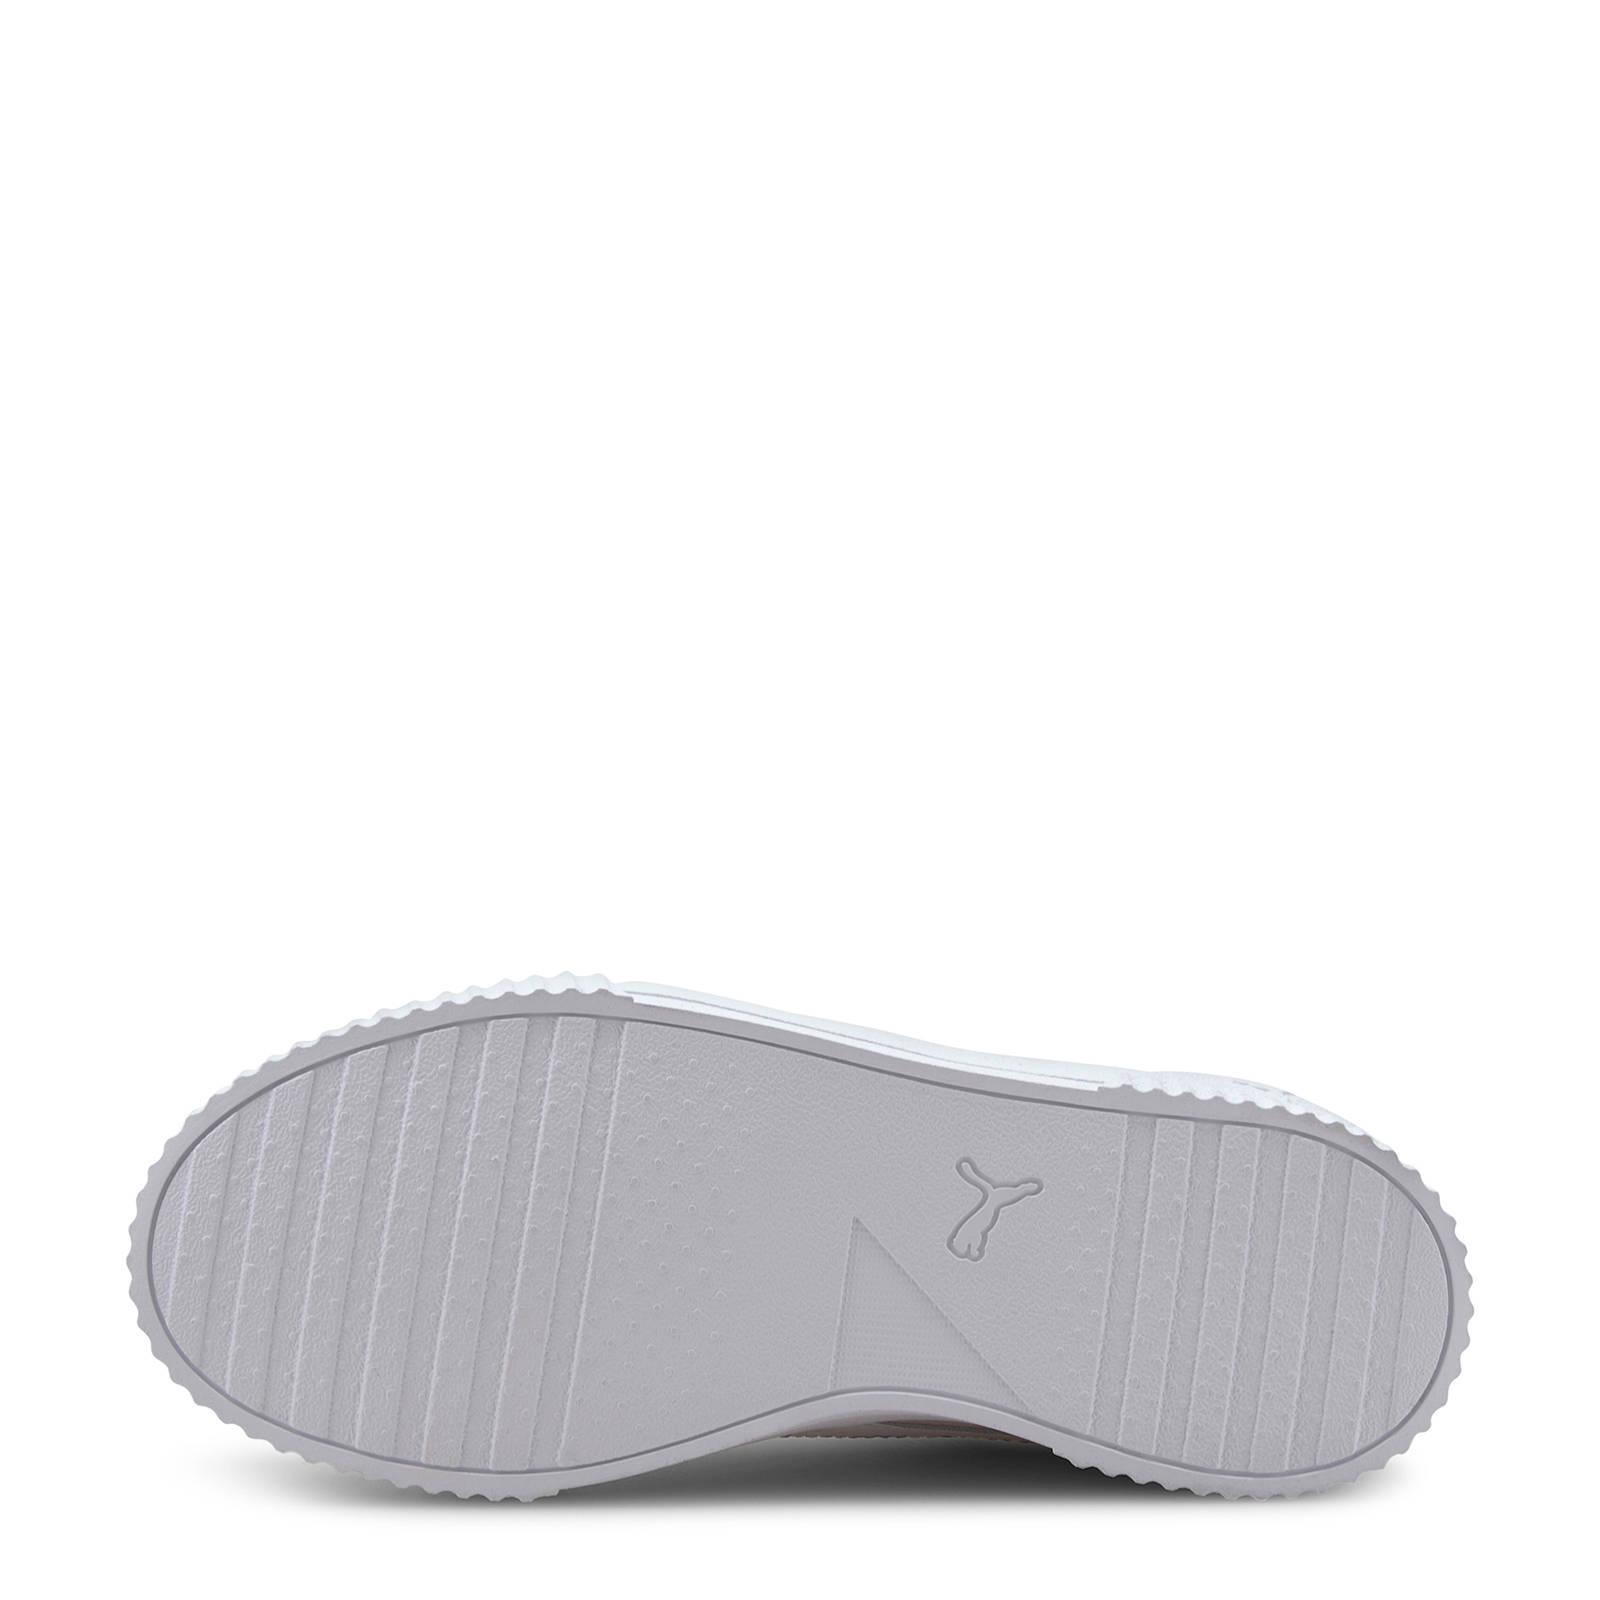 Puma Carina L Jr sneakers zwartrozezilver Zwart, Zilver